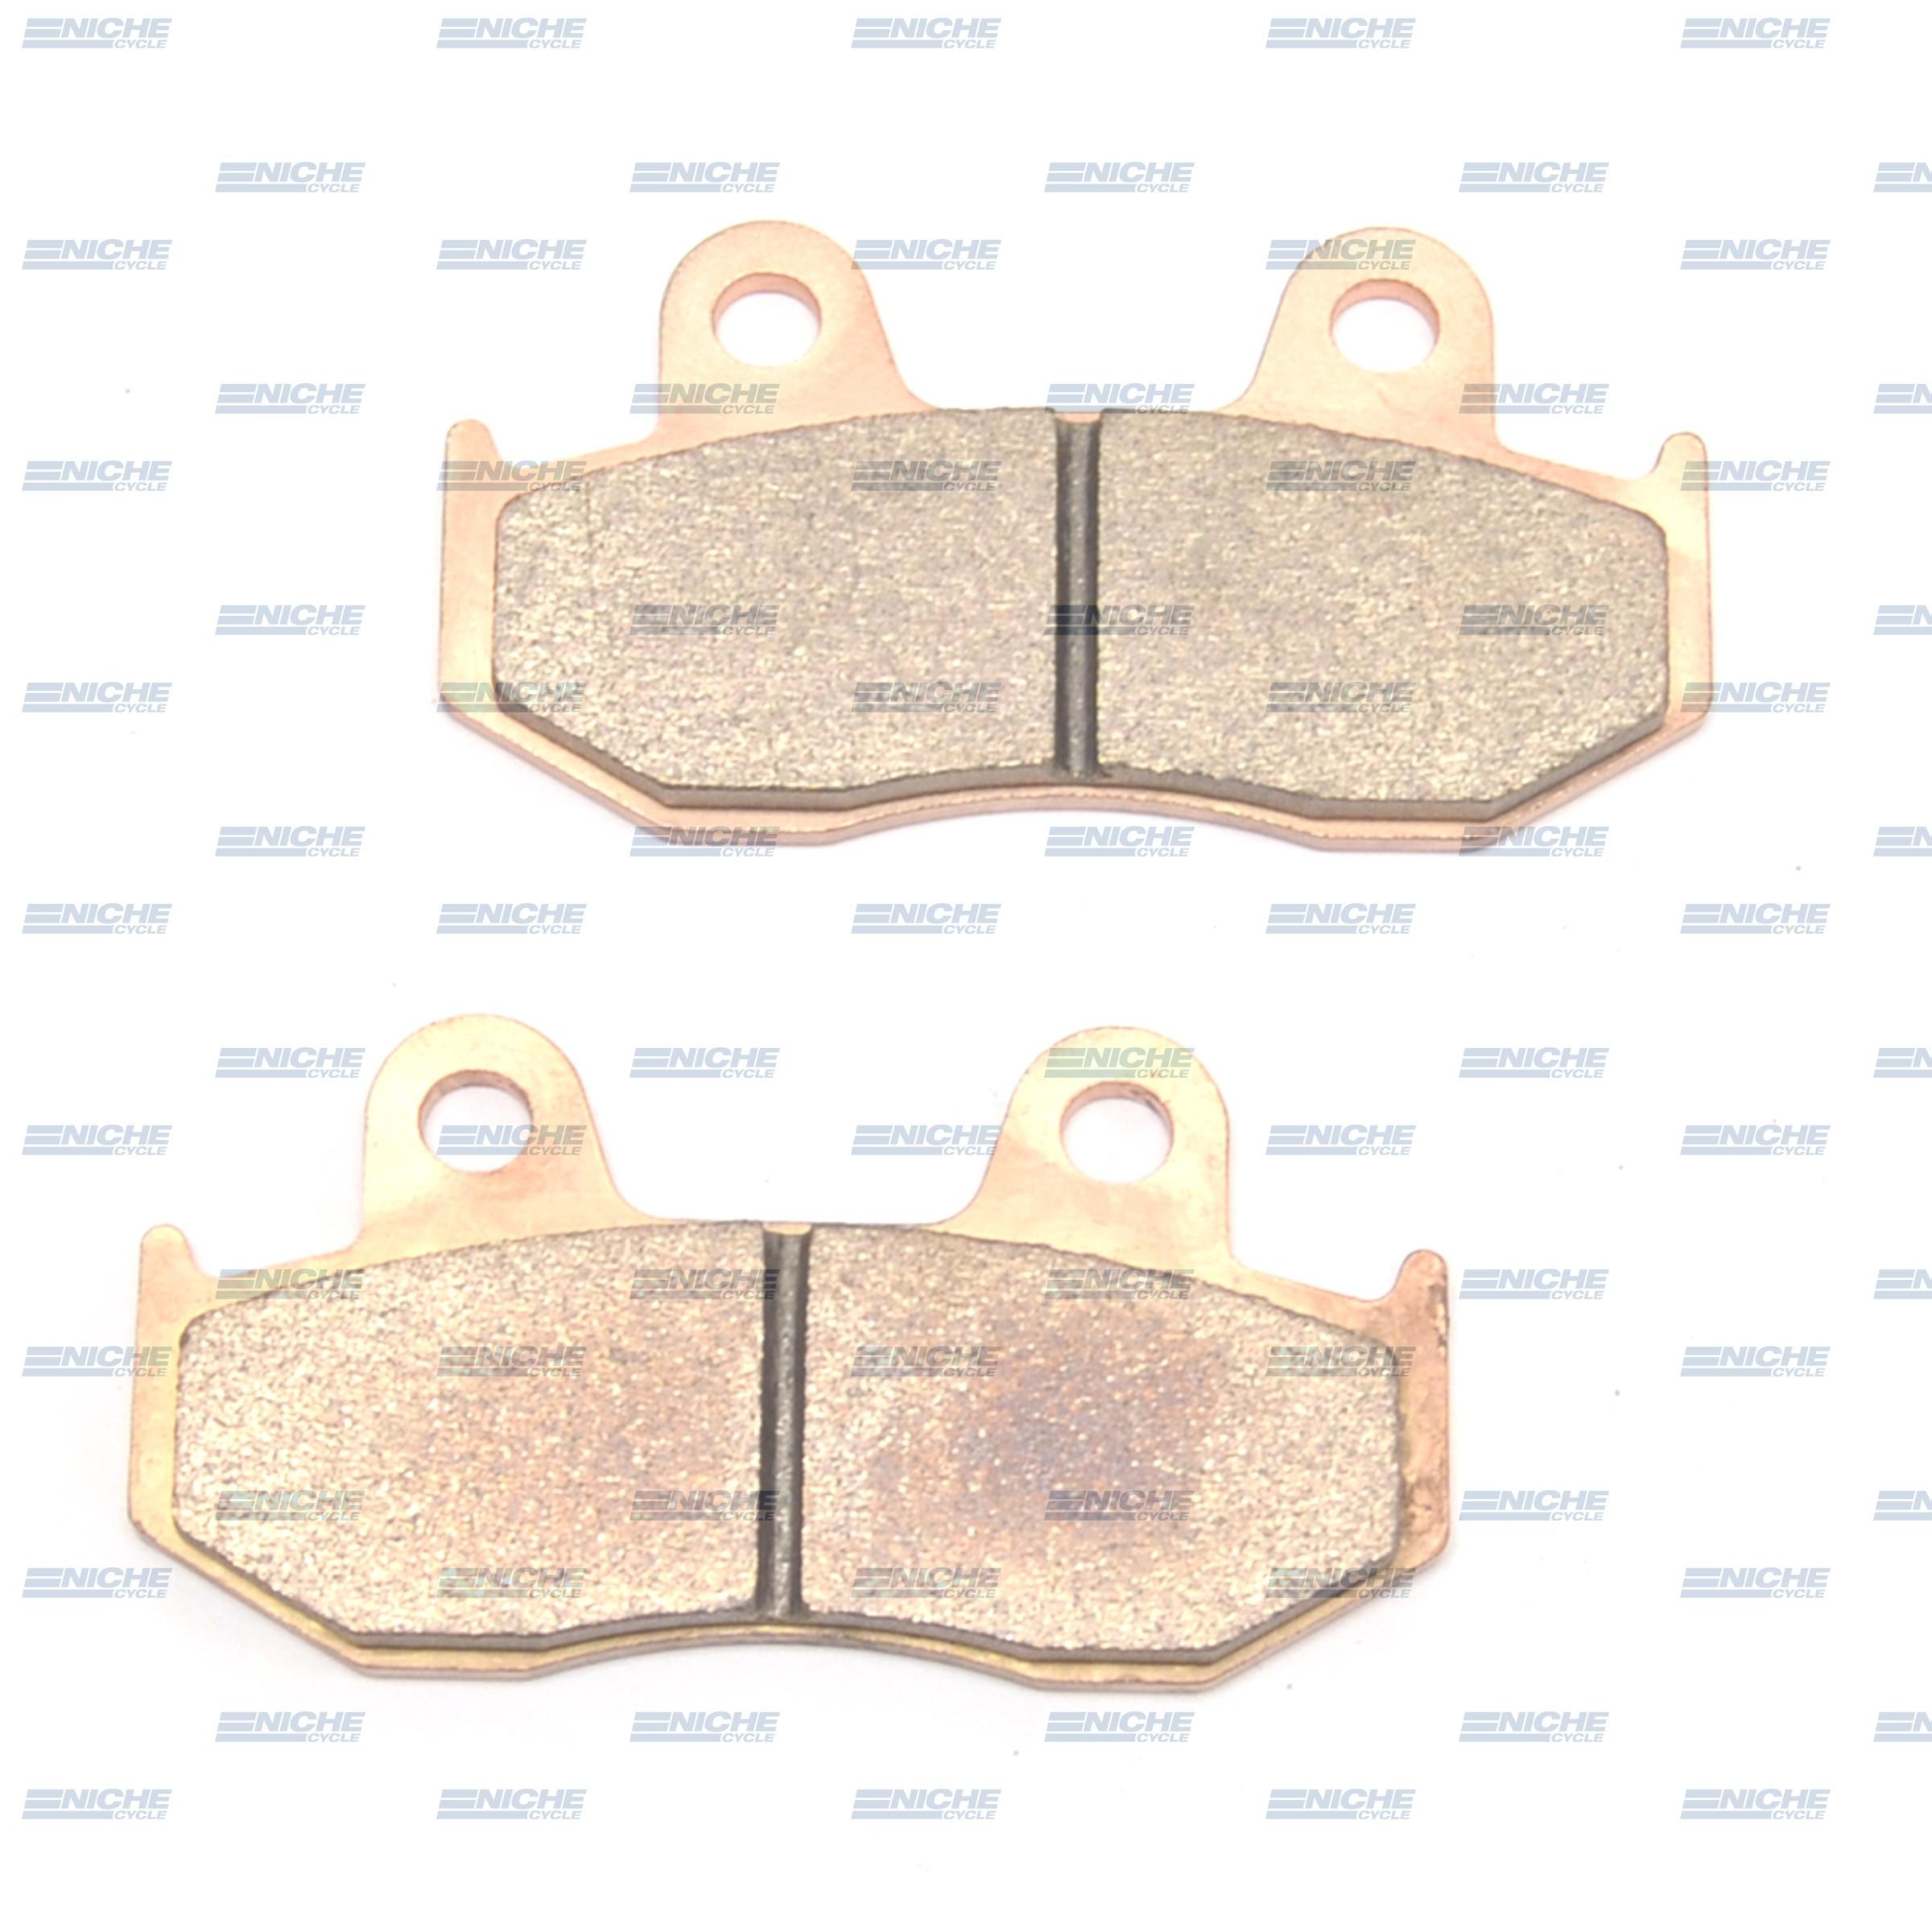 Brake Pad - Full Metal 64-51875